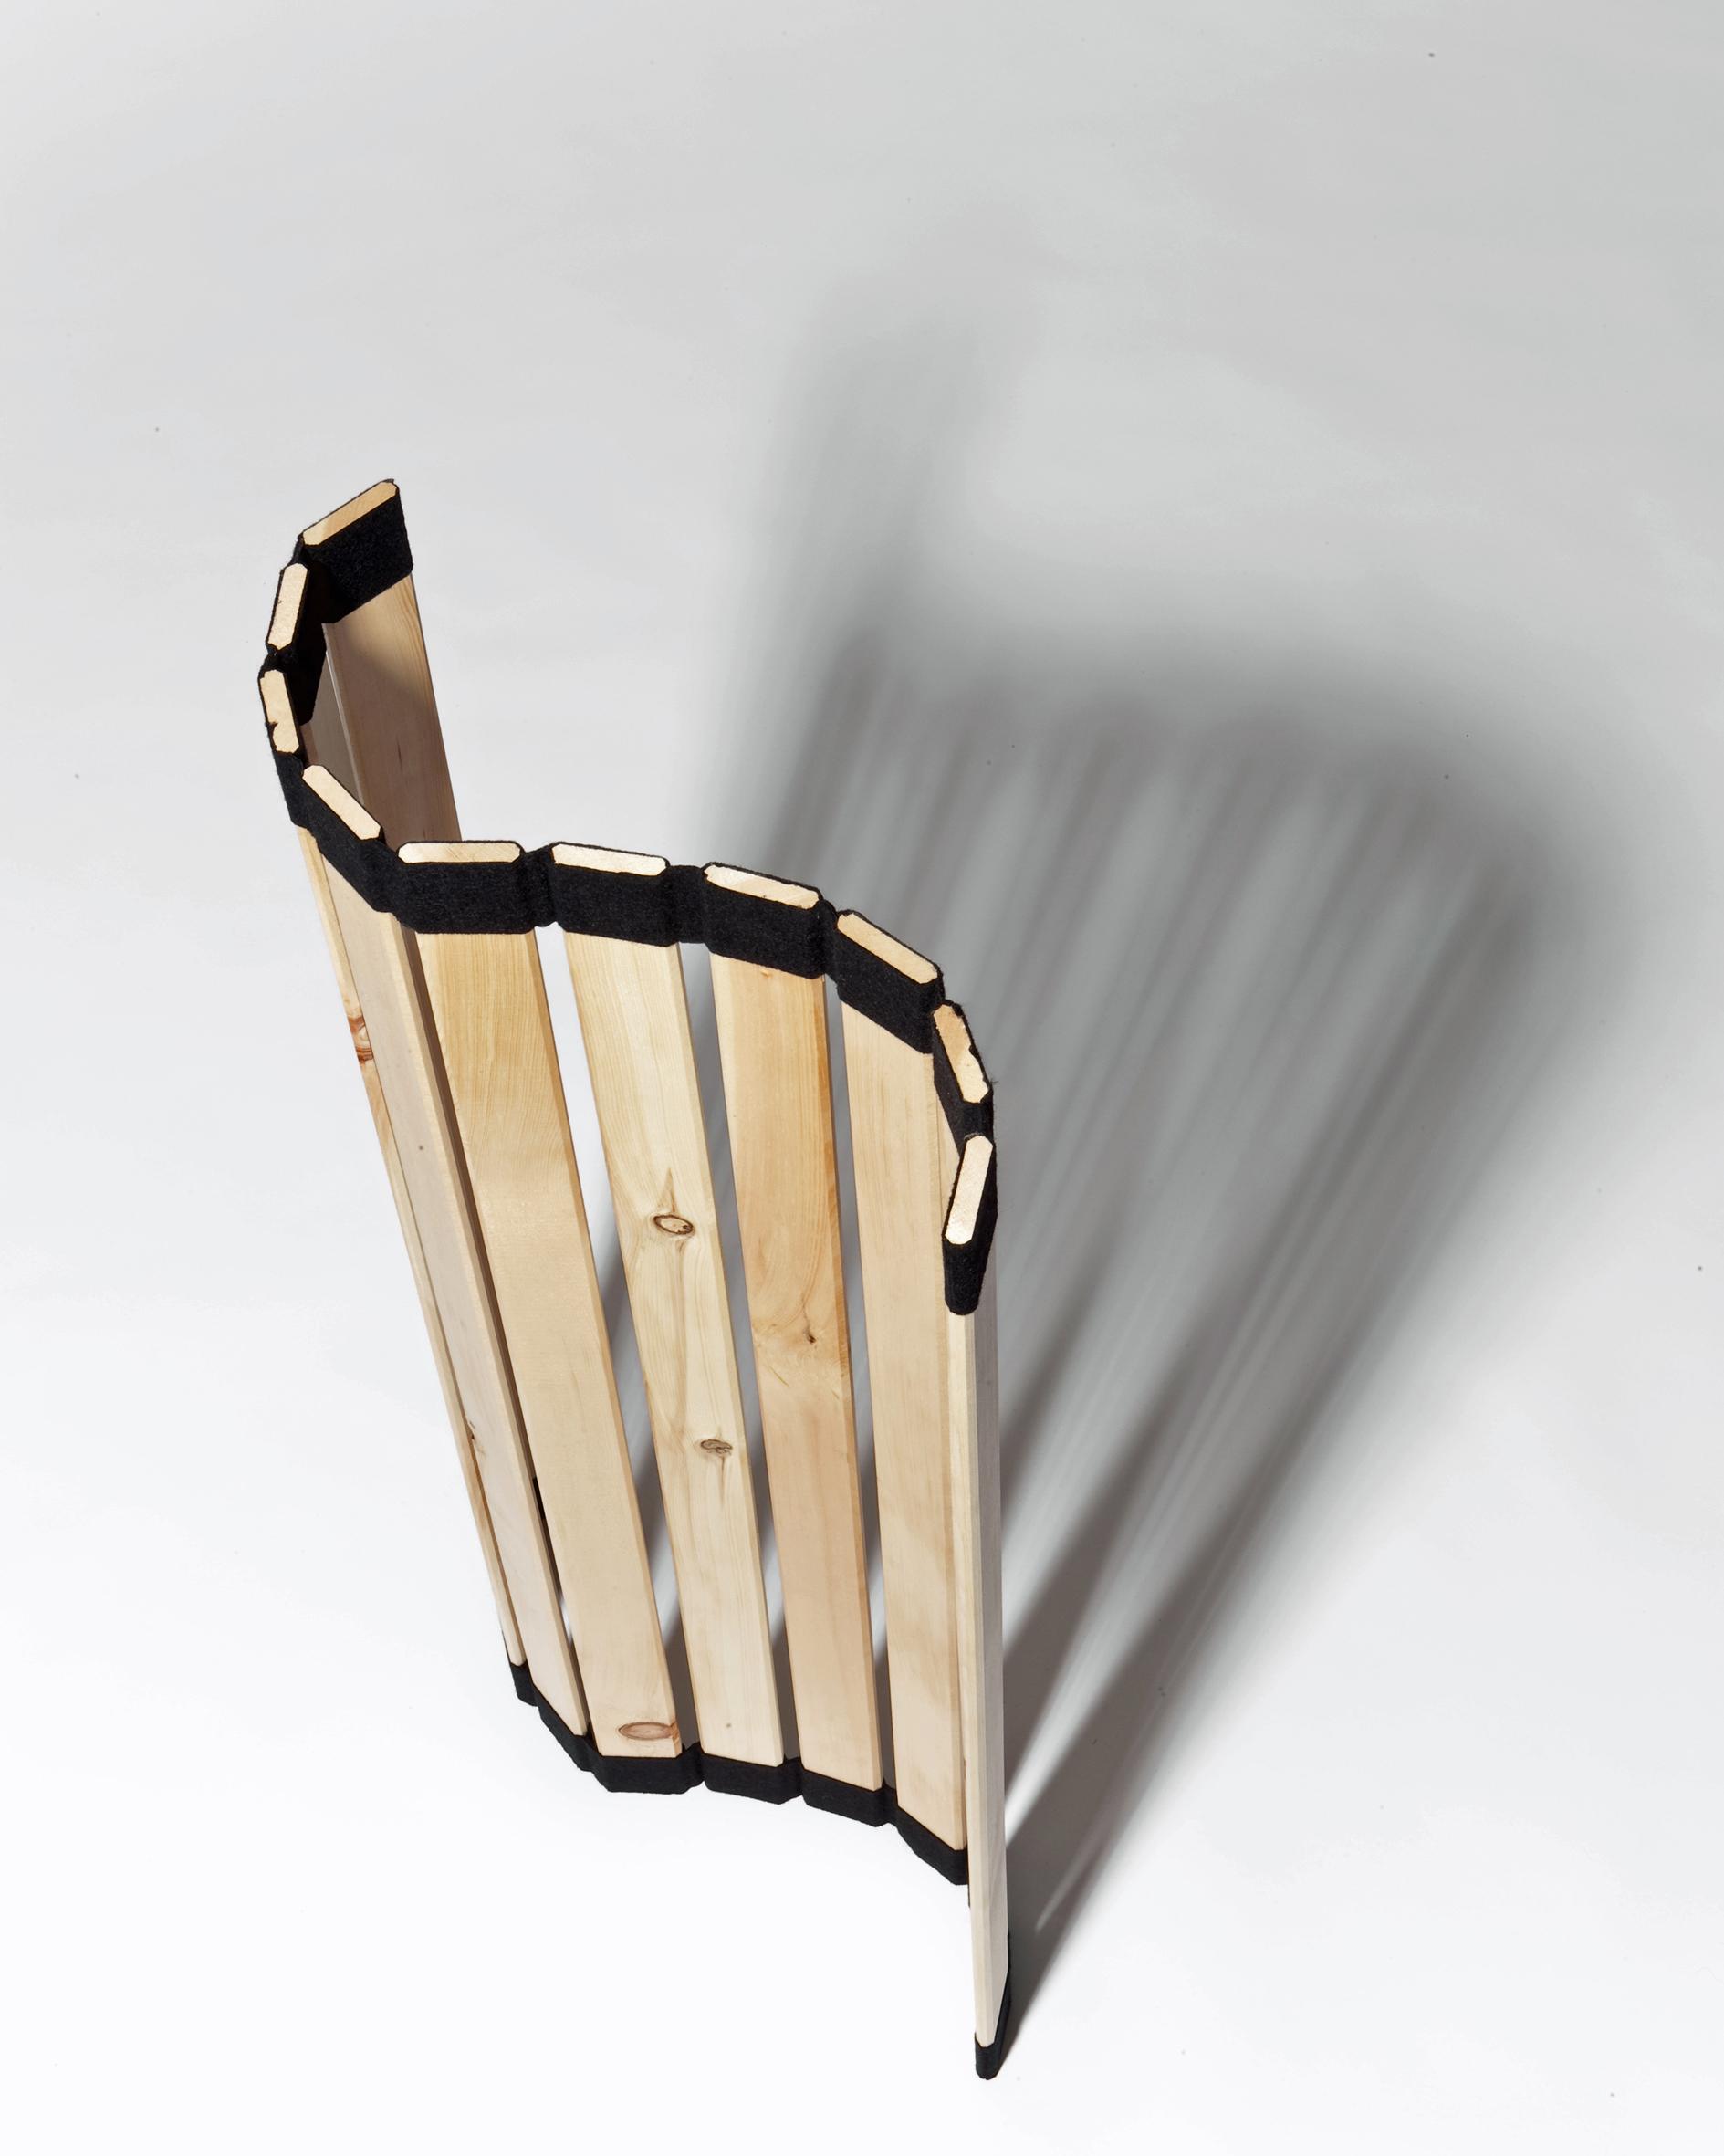 rollrost in arve massiv breite 70 cm shop h sler nest im schappe. Black Bedroom Furniture Sets. Home Design Ideas